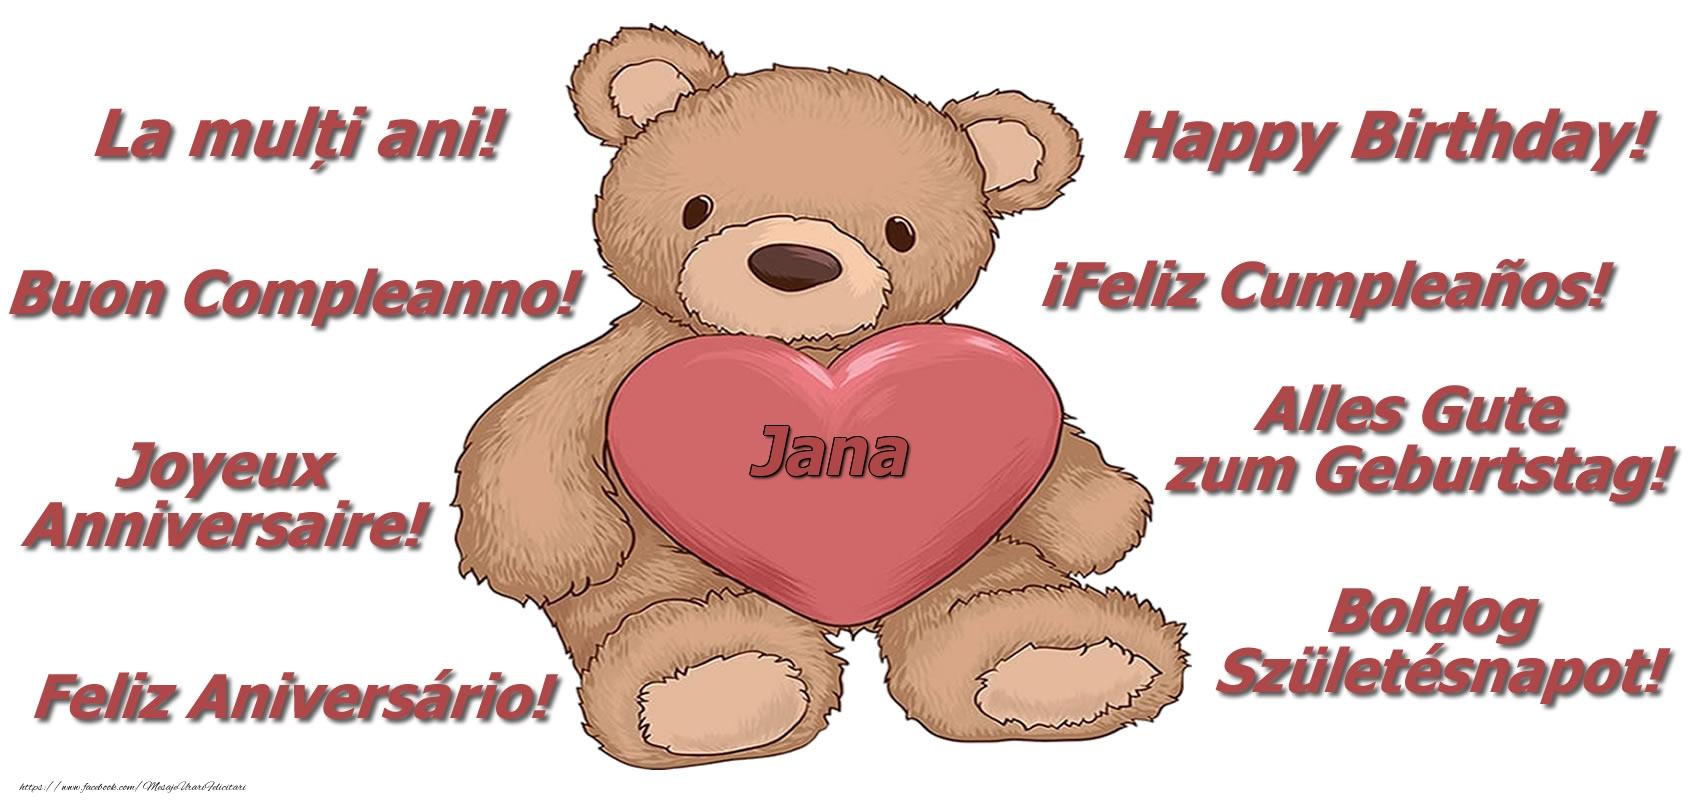 Felicitari de zi de nastere - La multi ani Jana! - Ursulet